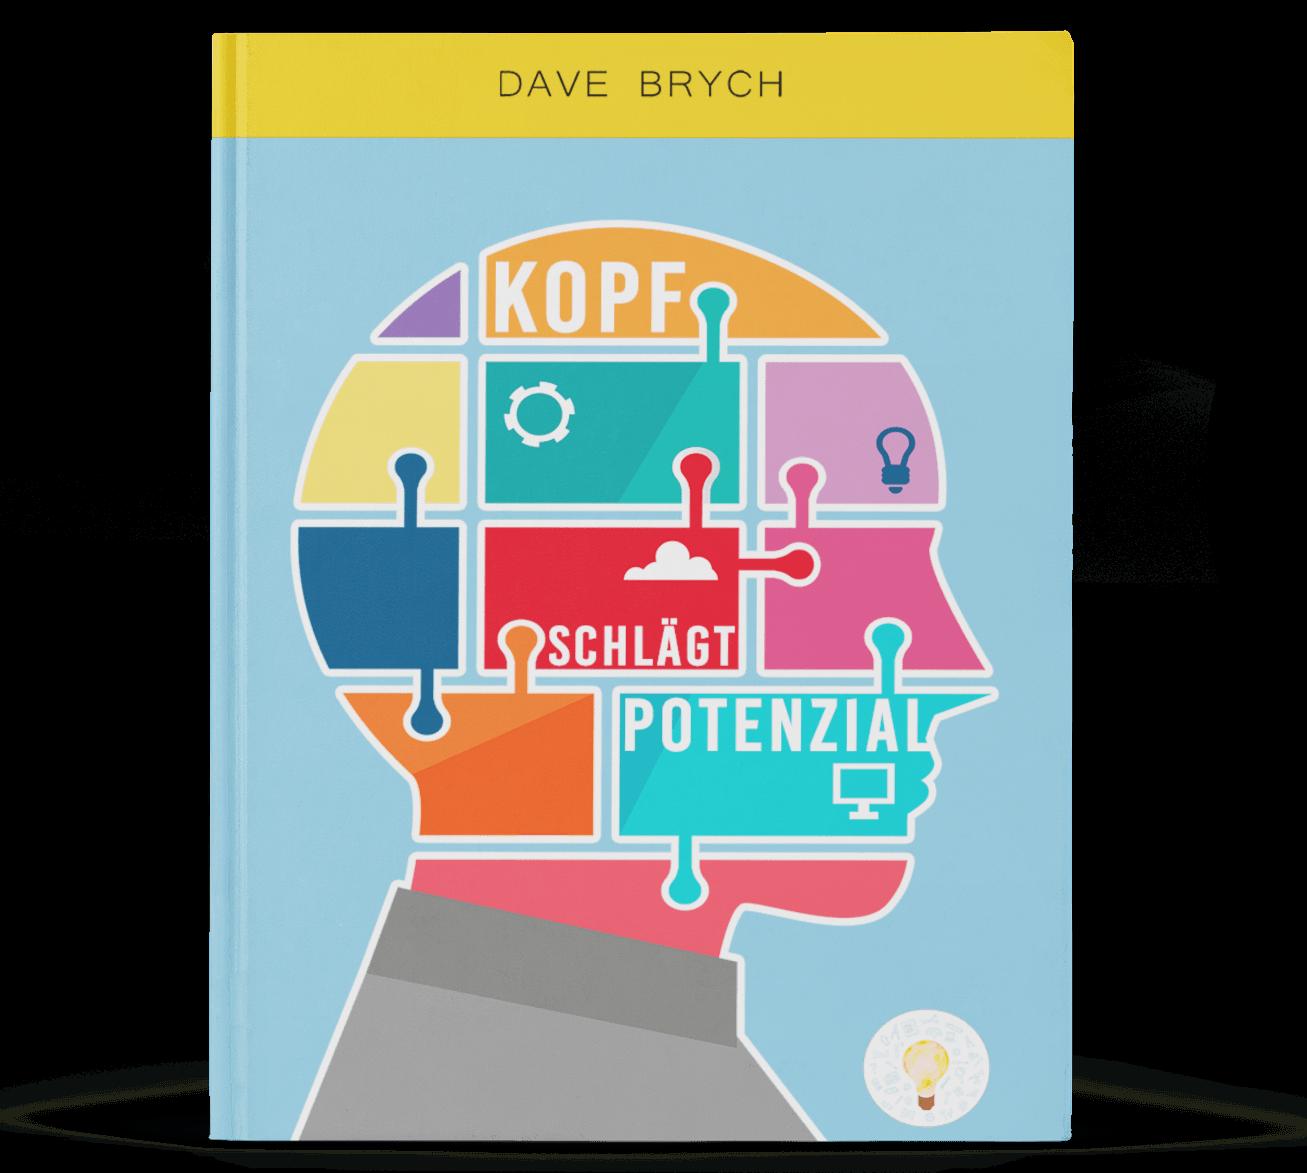 Dave Brych - Kopf schlägt Potenzial (GRATIS) - Dieses Buch von 5 Ideen zeigt Dir wie wichtig Deine Einstellung für Deinen persönlichen und beruflichen Erfolg ist.Dein volles Potenzial kannst Du ausschöpfen, weil viel mehr möglich ist als Du denkst oder Dir immer gesagt wurde.